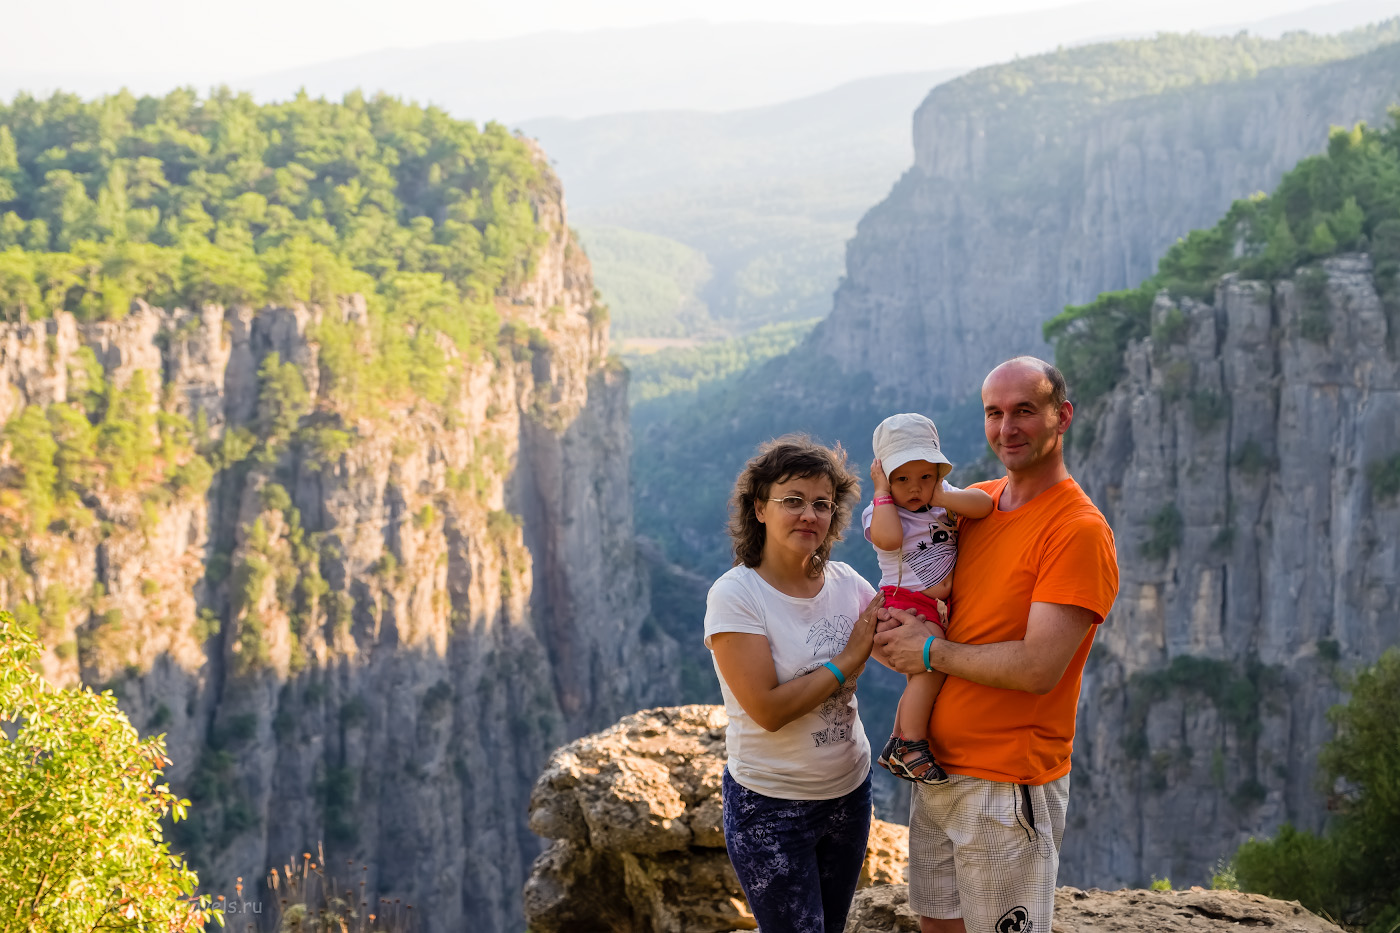 Фото 13. Наша семья у смотровой площадки каньона Тазы (Tazı Kanyonu), что в окрестностях Сиде и Манавгата. Не так уж далеко от Анталии. 1/250, 4.0, 200, 38.